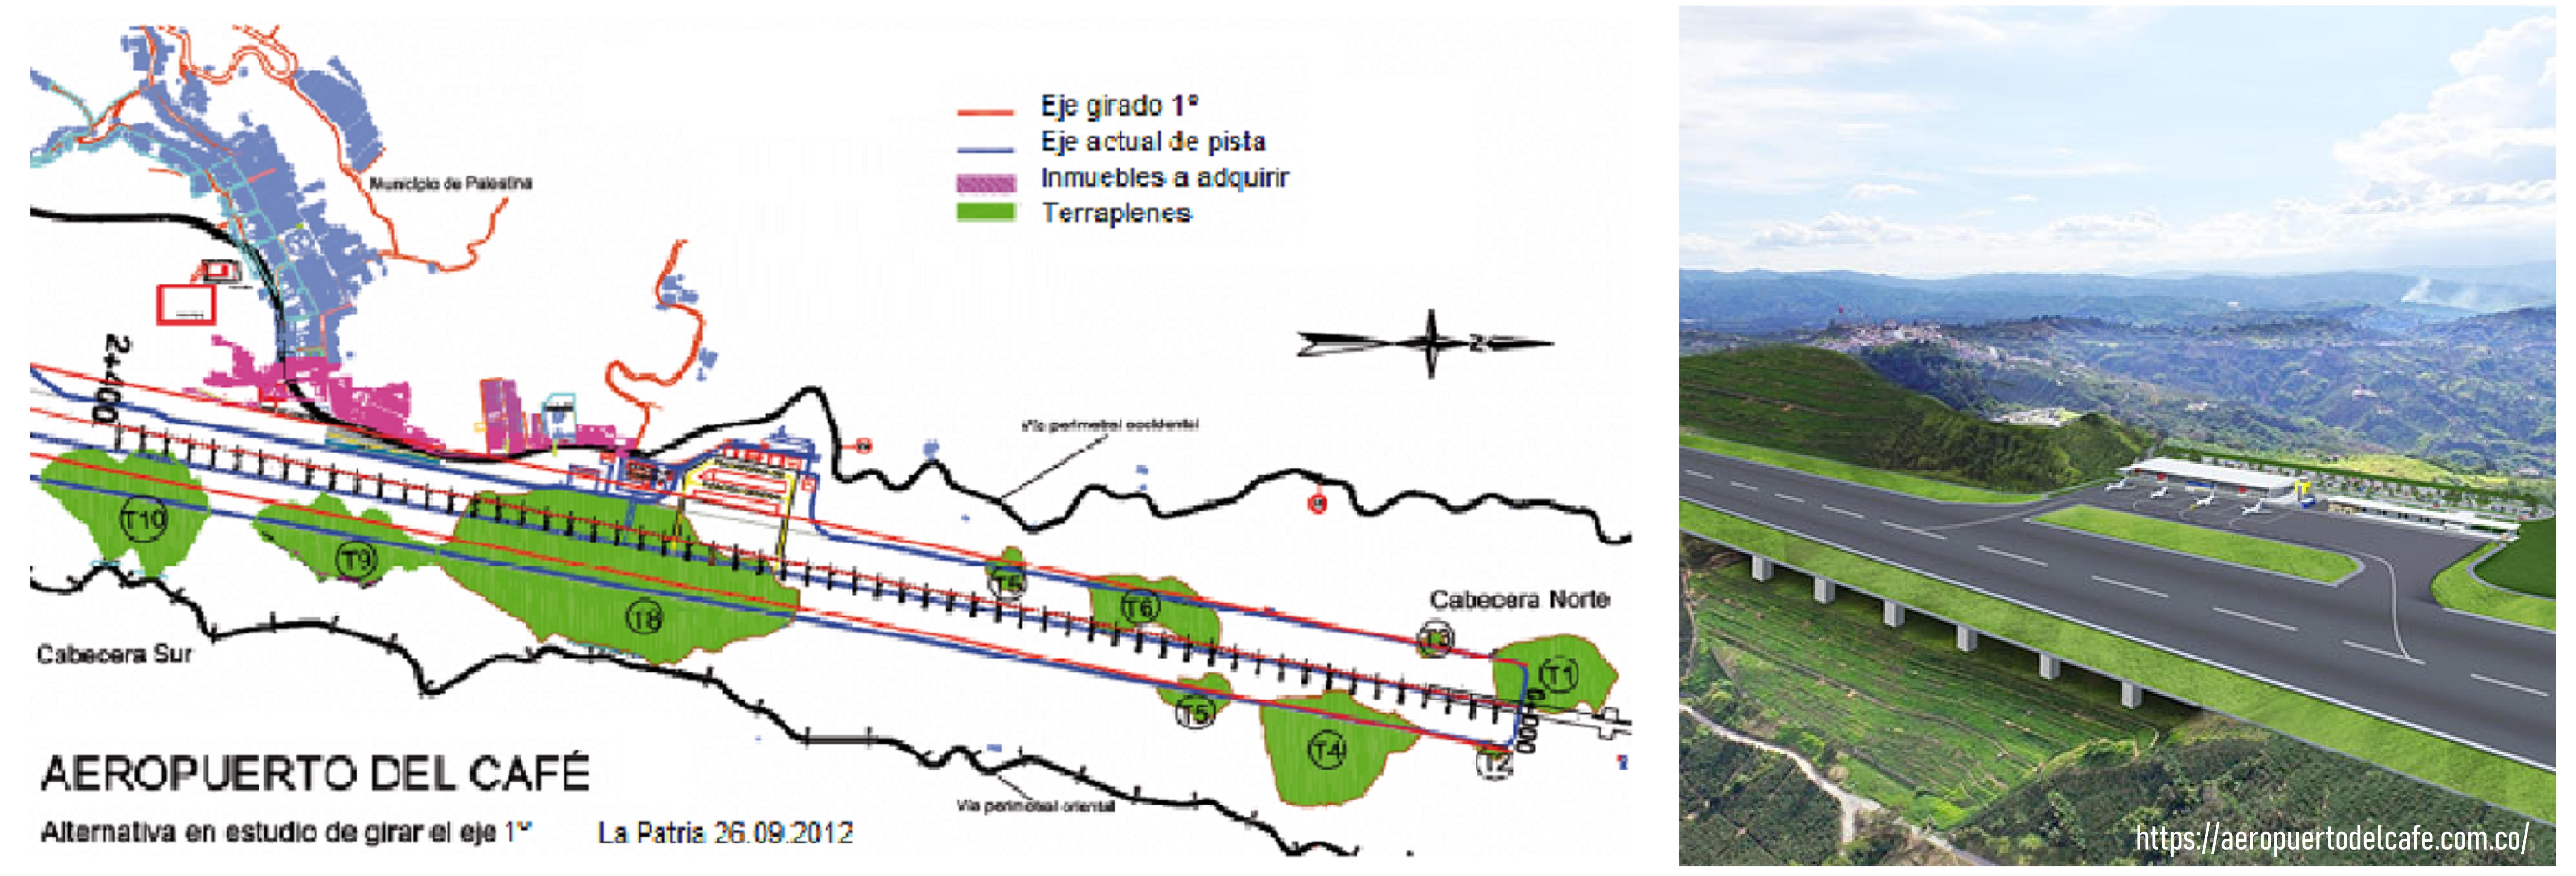 Aerocafé proyecto constructivo y panorámica de la obra concluida. La Patria y Web Aerocafé